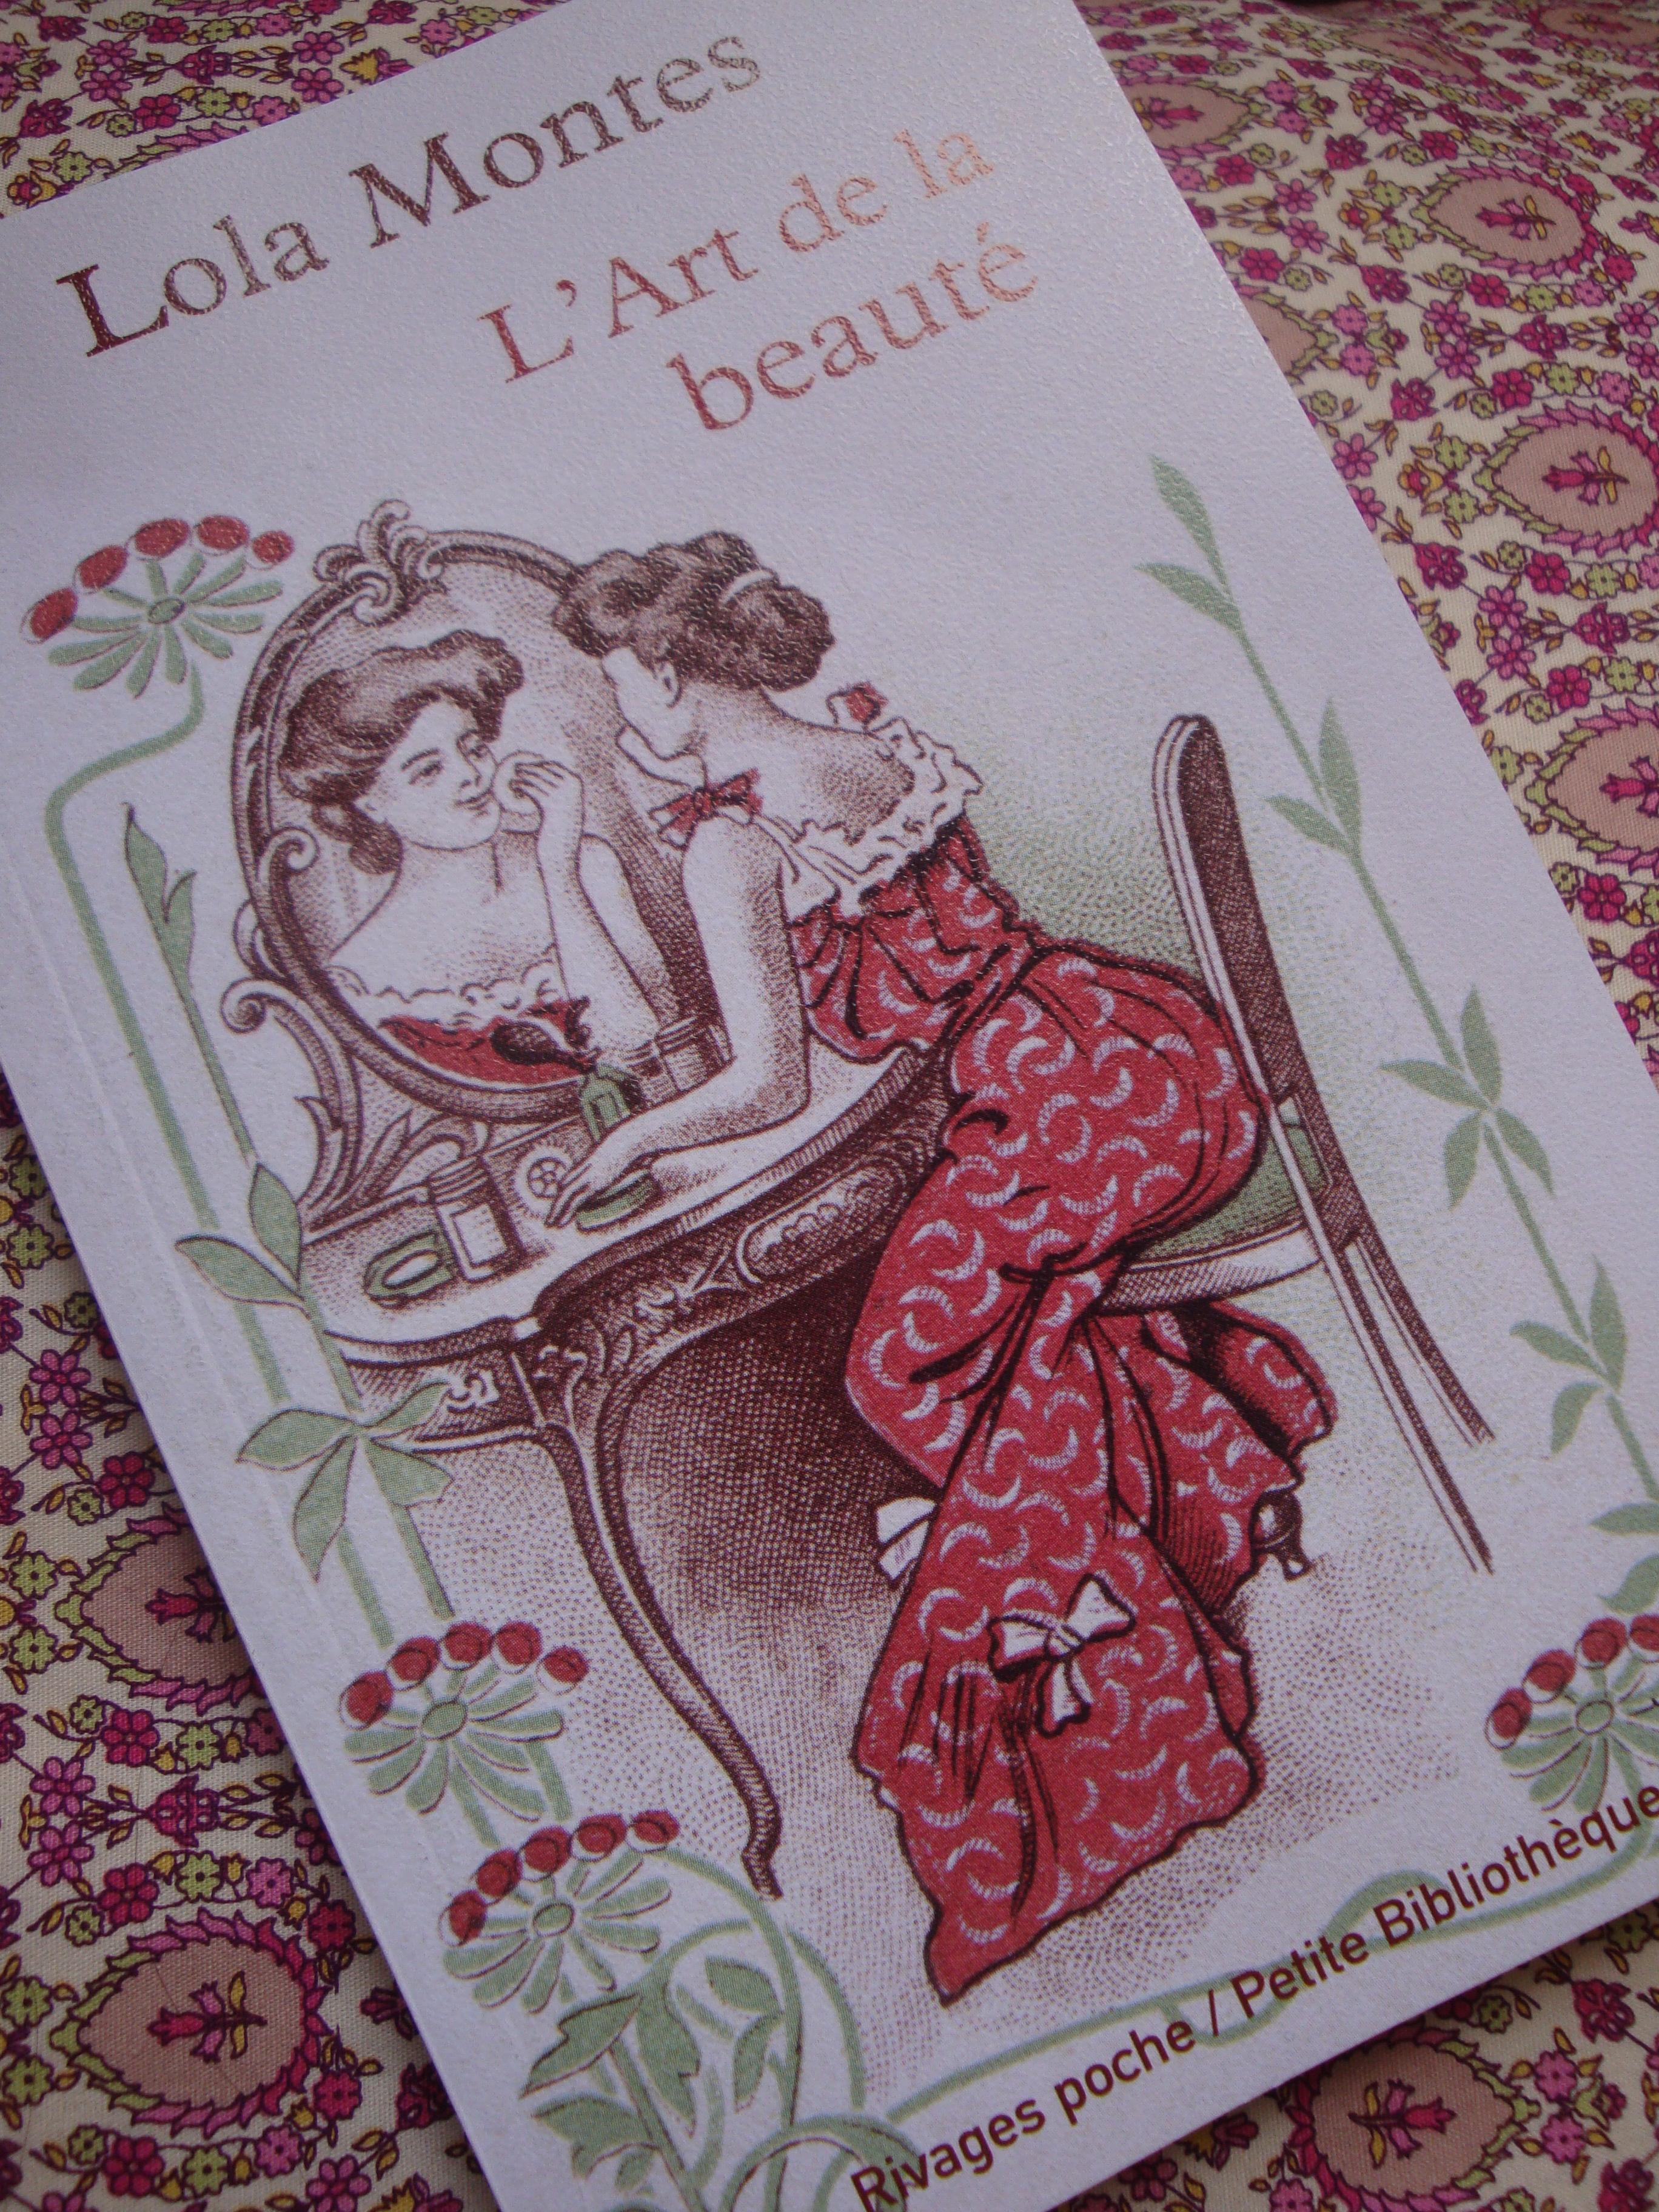 Lola Montes : une beauty addict au XIXe siècle